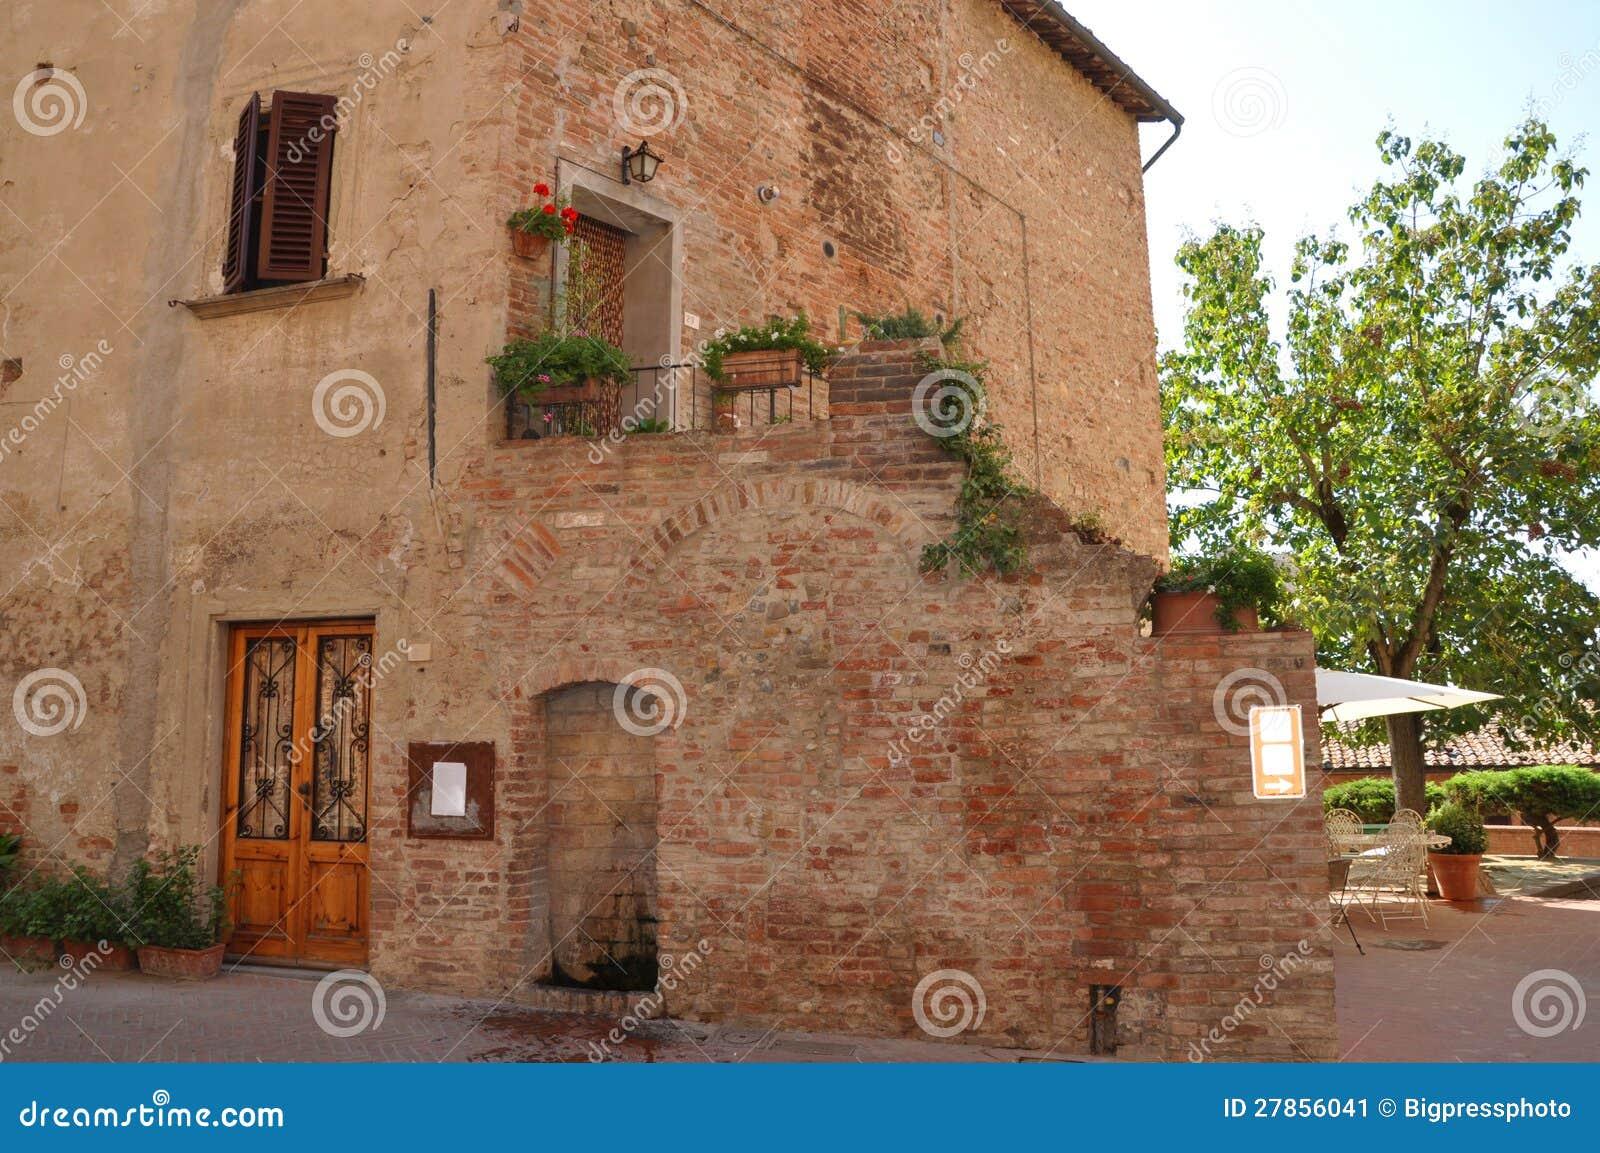 Tuscany villa in Chianti village